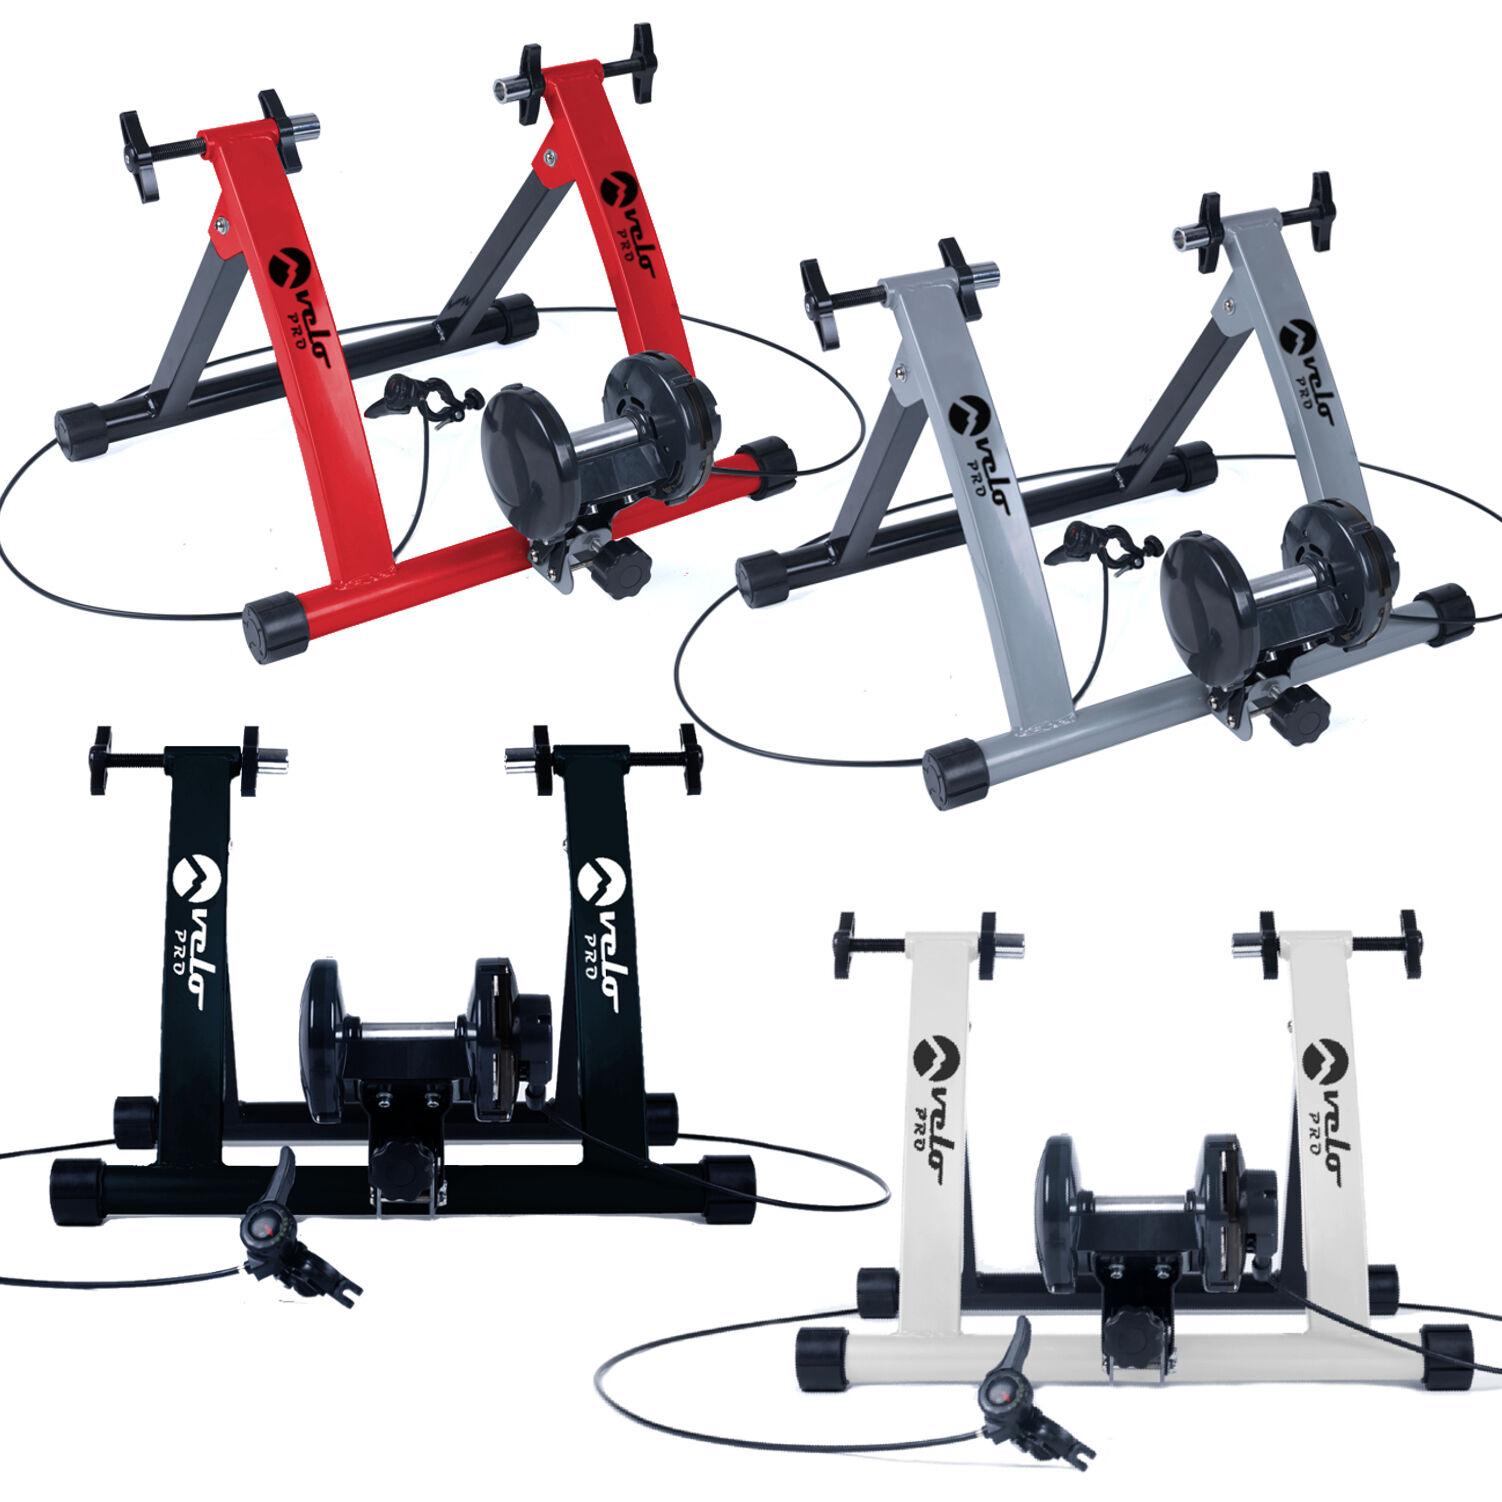 Magnétique Intérieur Turbo Trainer Vélo Route Montagne Résistance Mtb Cyclisme